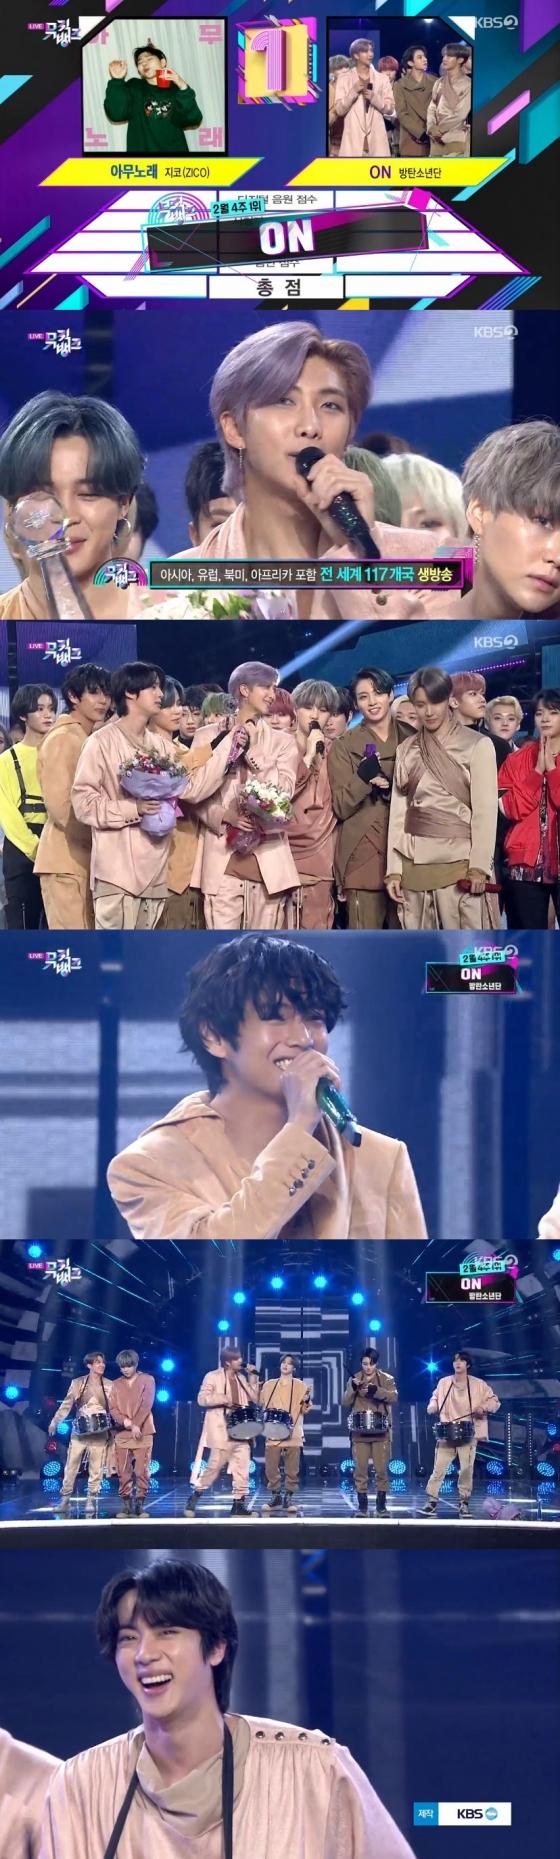 /사진=KBS 2TV 음악 순위 프로그램 '뮤직뱅크' 캡처